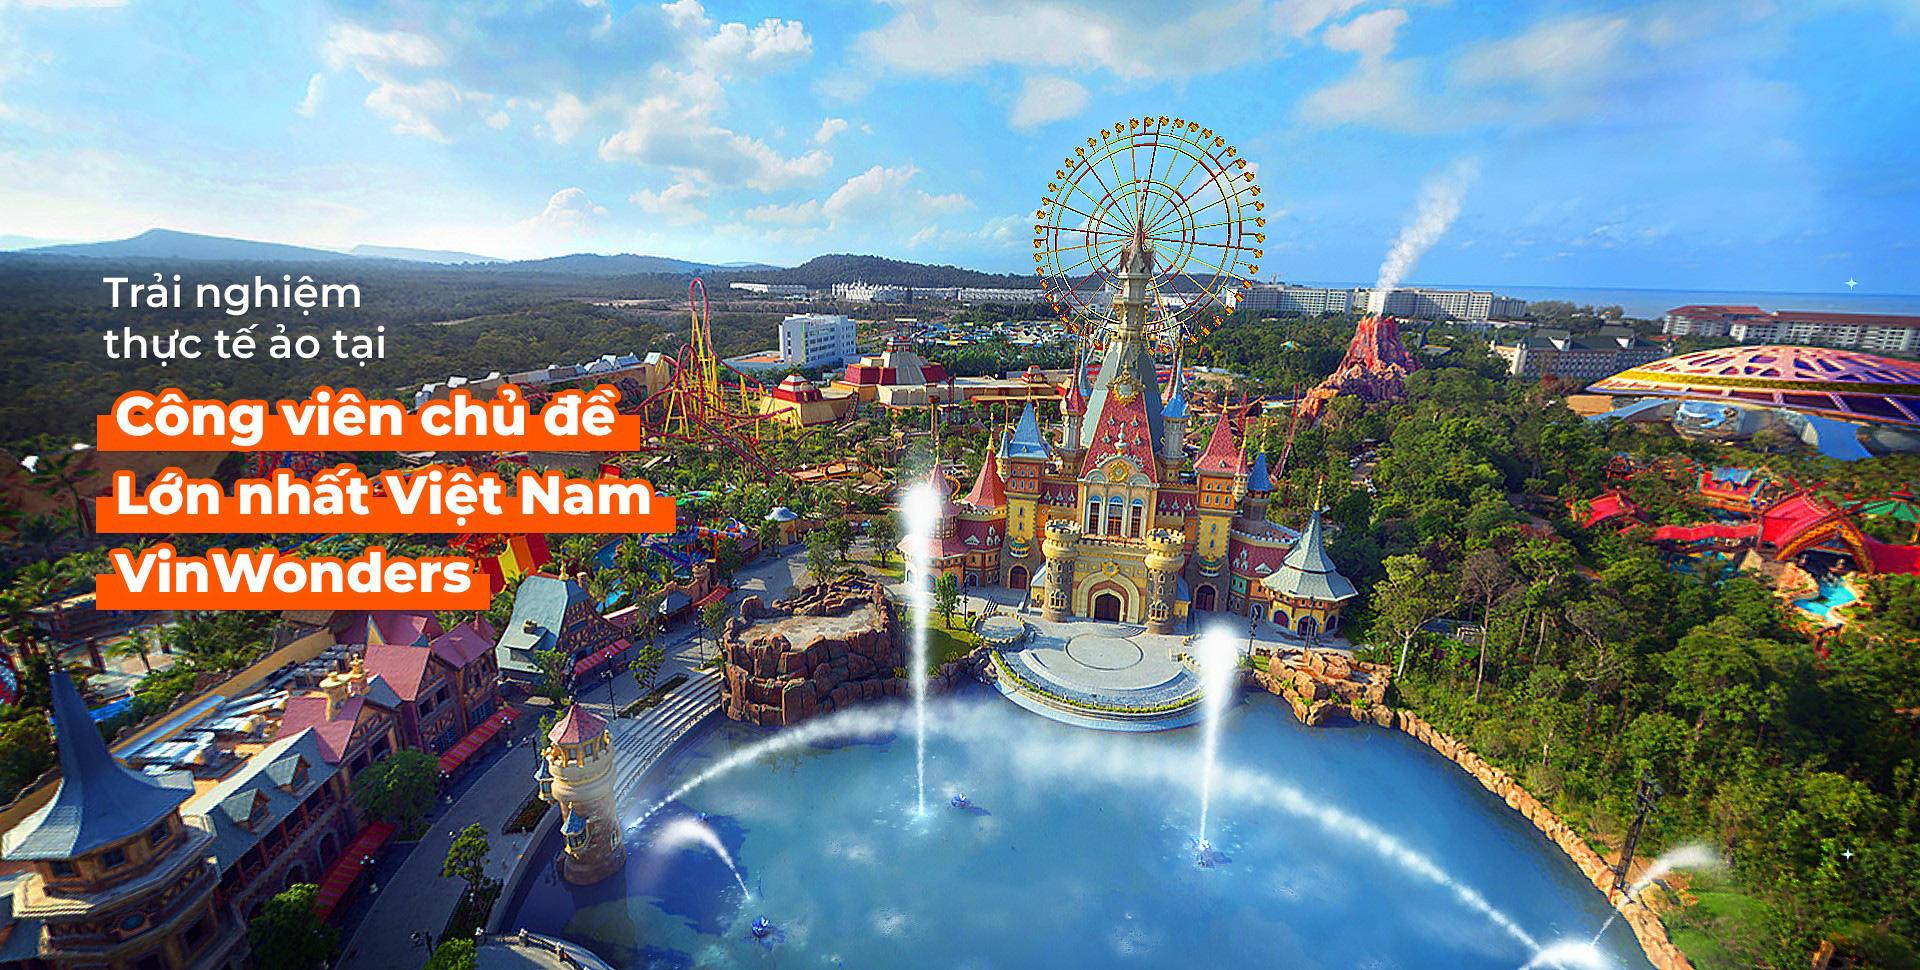 """Khám phá công viên chủ đề hàng đầu châu Á trên nền tảng thực tế ảo, """"săn"""" ngay 5.000 vé vào VinWonders miễn phí! - Ảnh 2."""